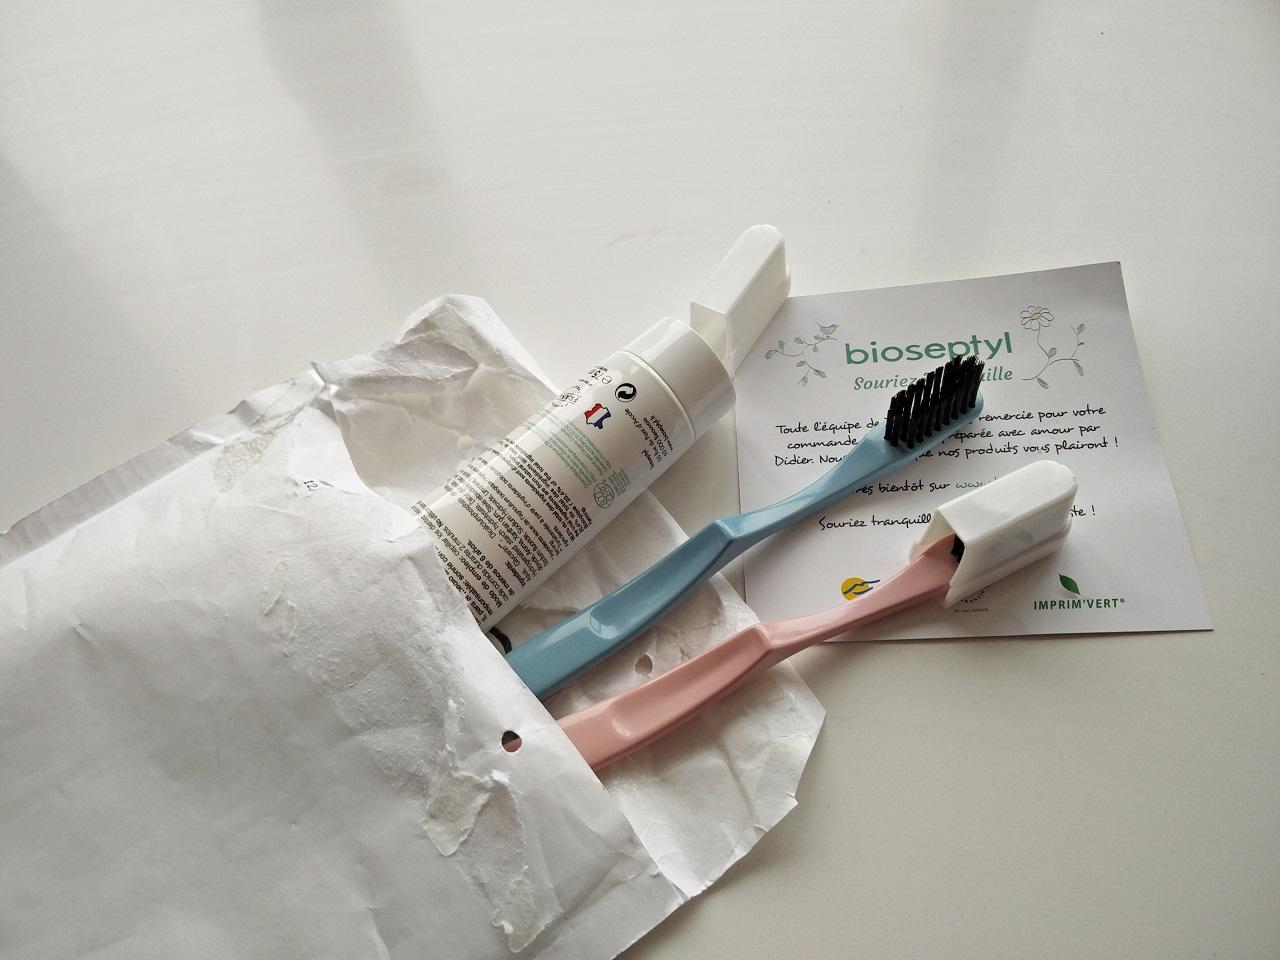 Je suis abonné à la brosse à dents made in France!